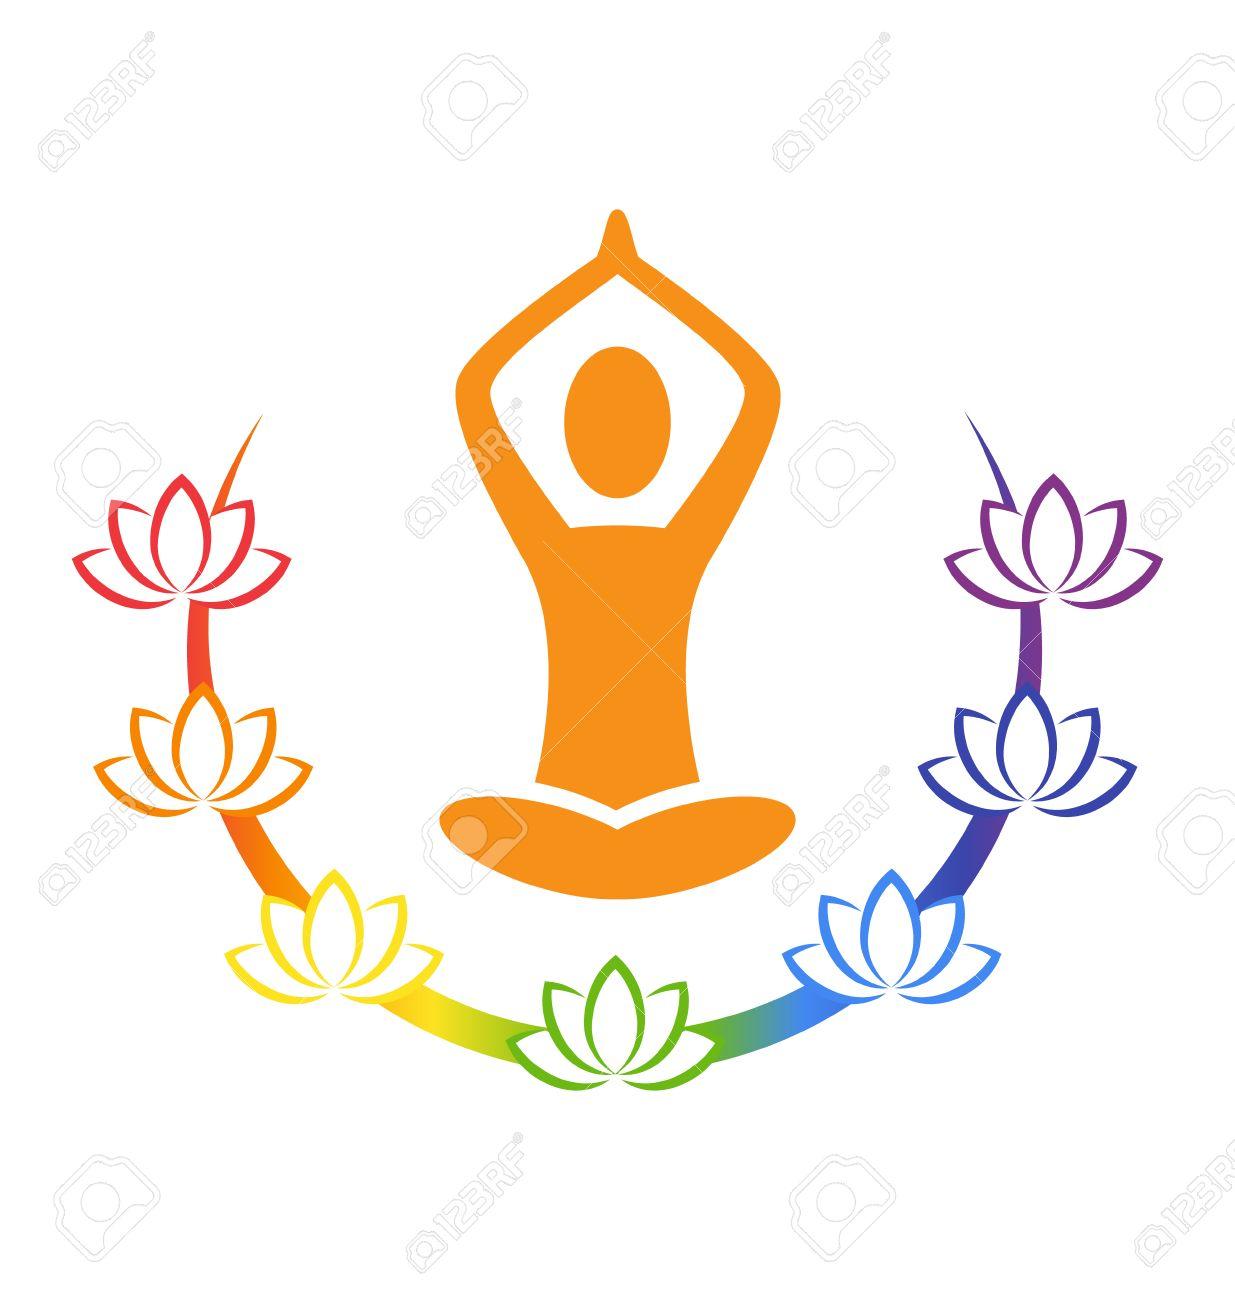 Emblem Yoga pose with chakra lotuses isolated on white background - 37482420